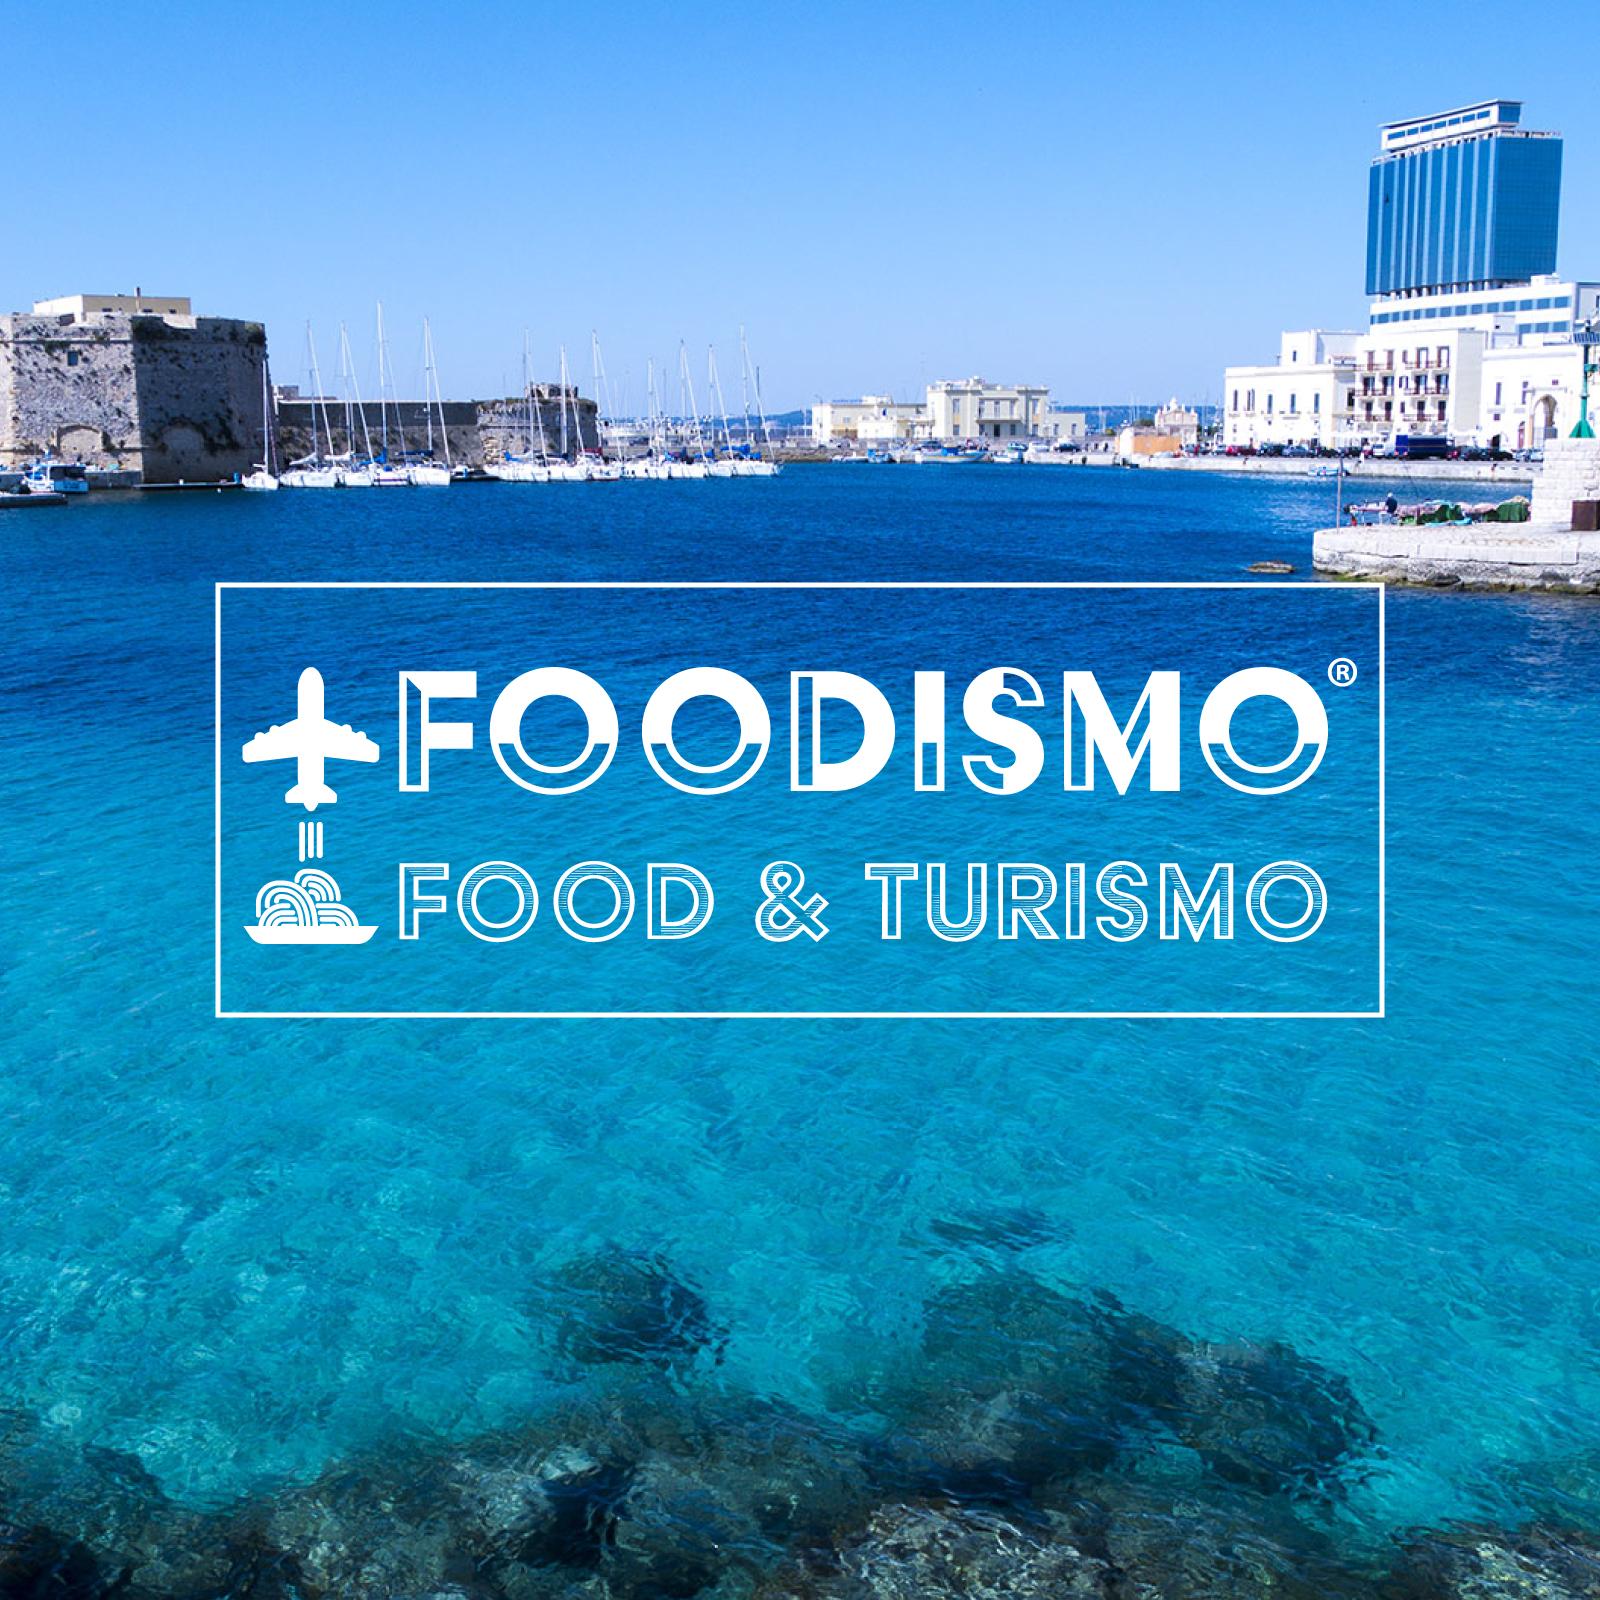 Foodismo: alla scoperta del vero salento attraverso esperienze autentiche